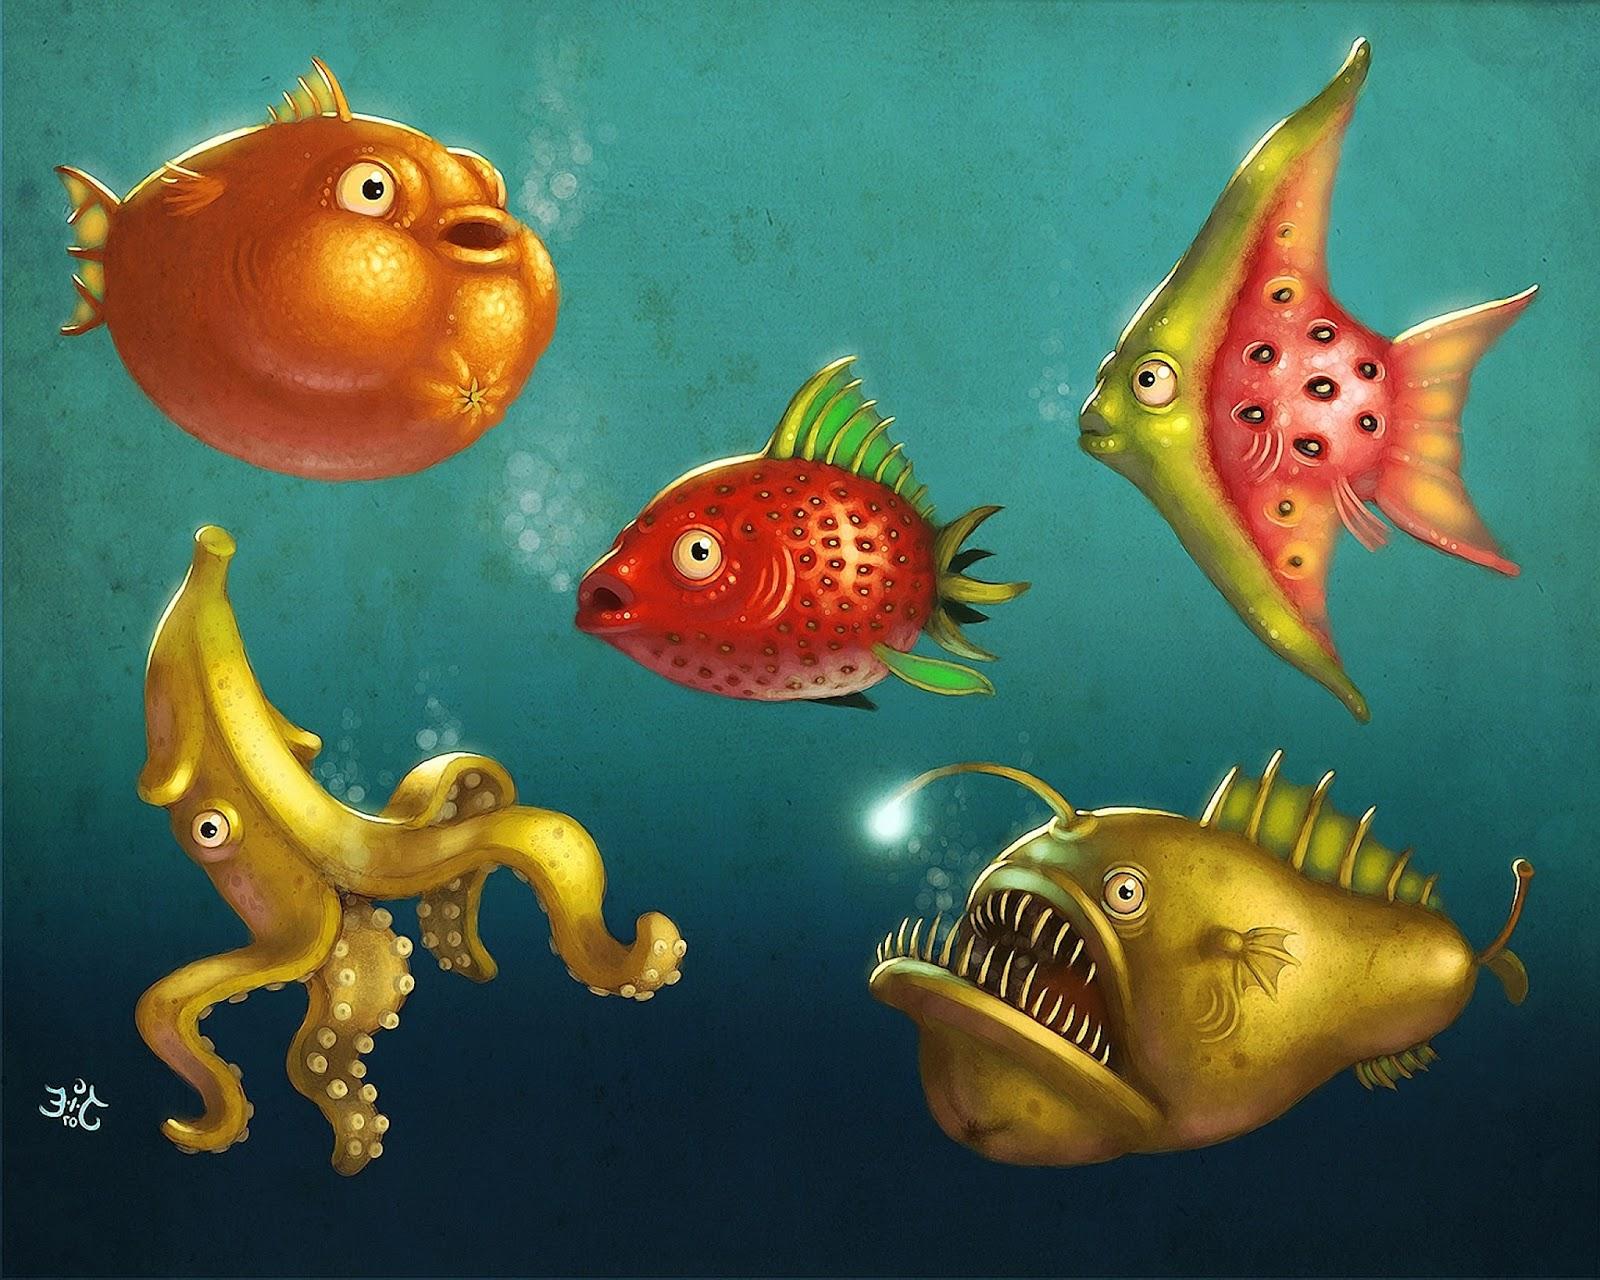 8300 Gambar Hewan Laut Lucu Gratis